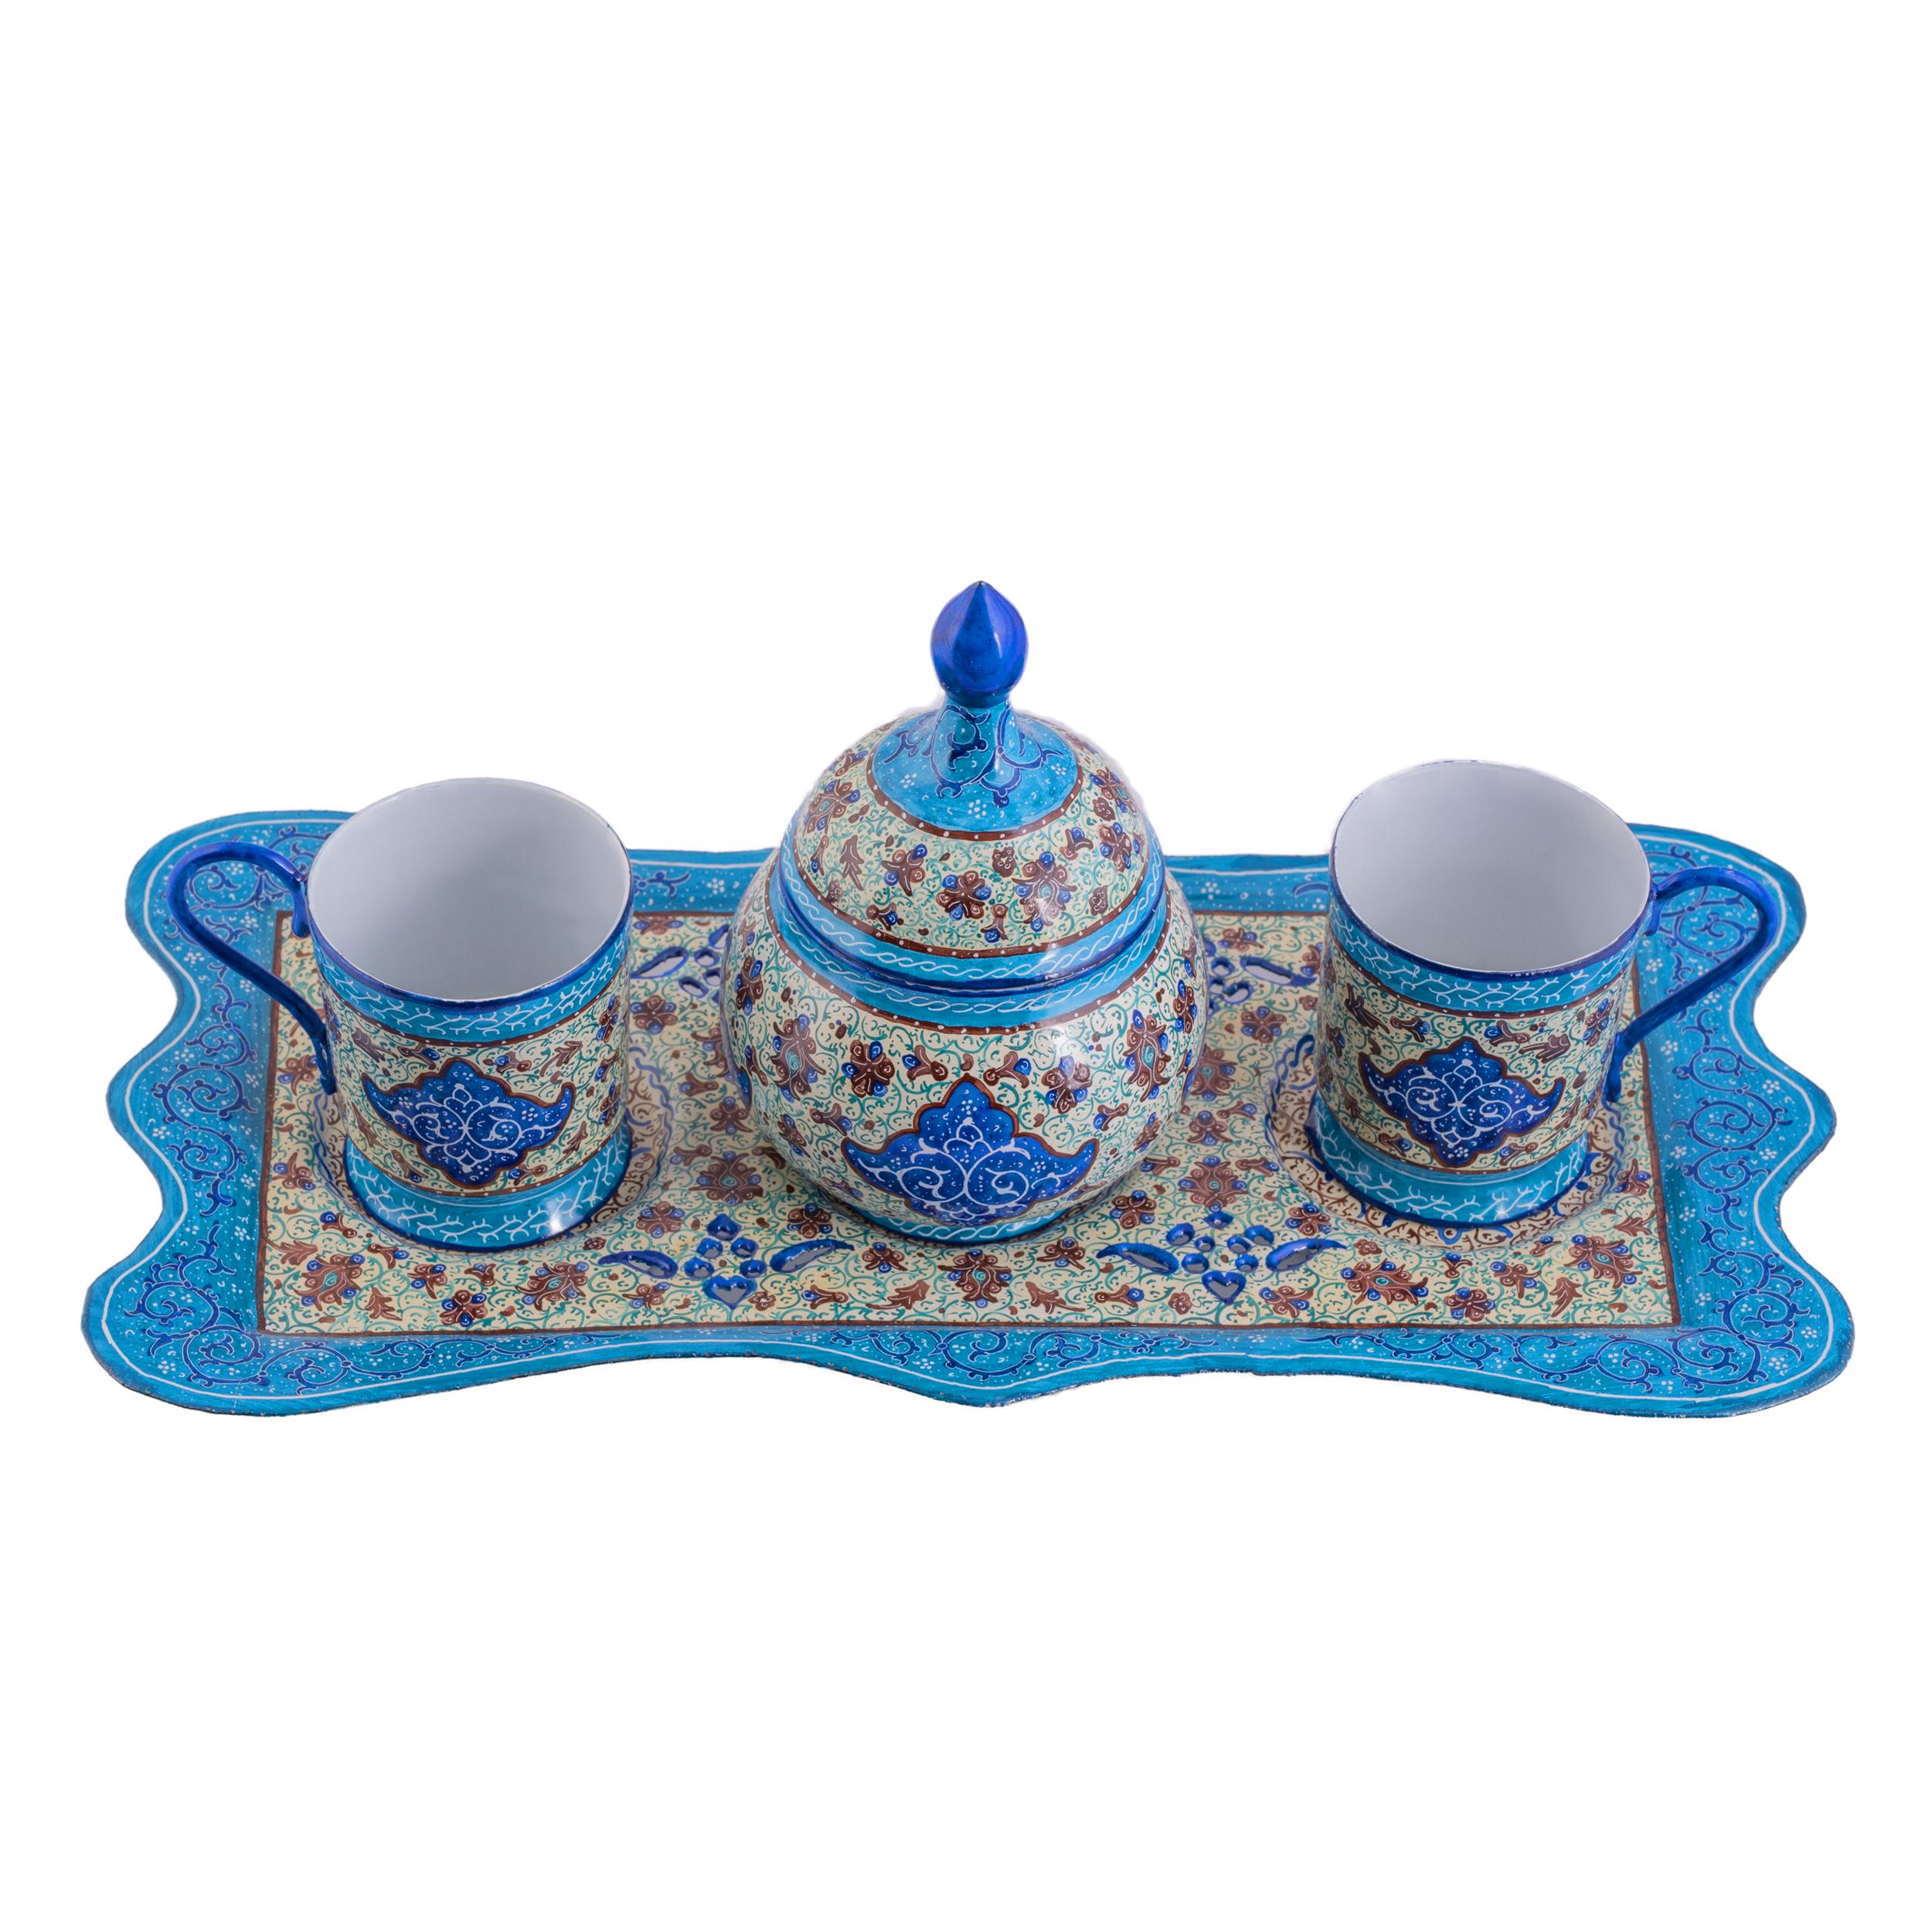 سرویس چای خوری میناکاری  سلطانی طرح اسلیمی کد 110 مجموعه 4 عددی